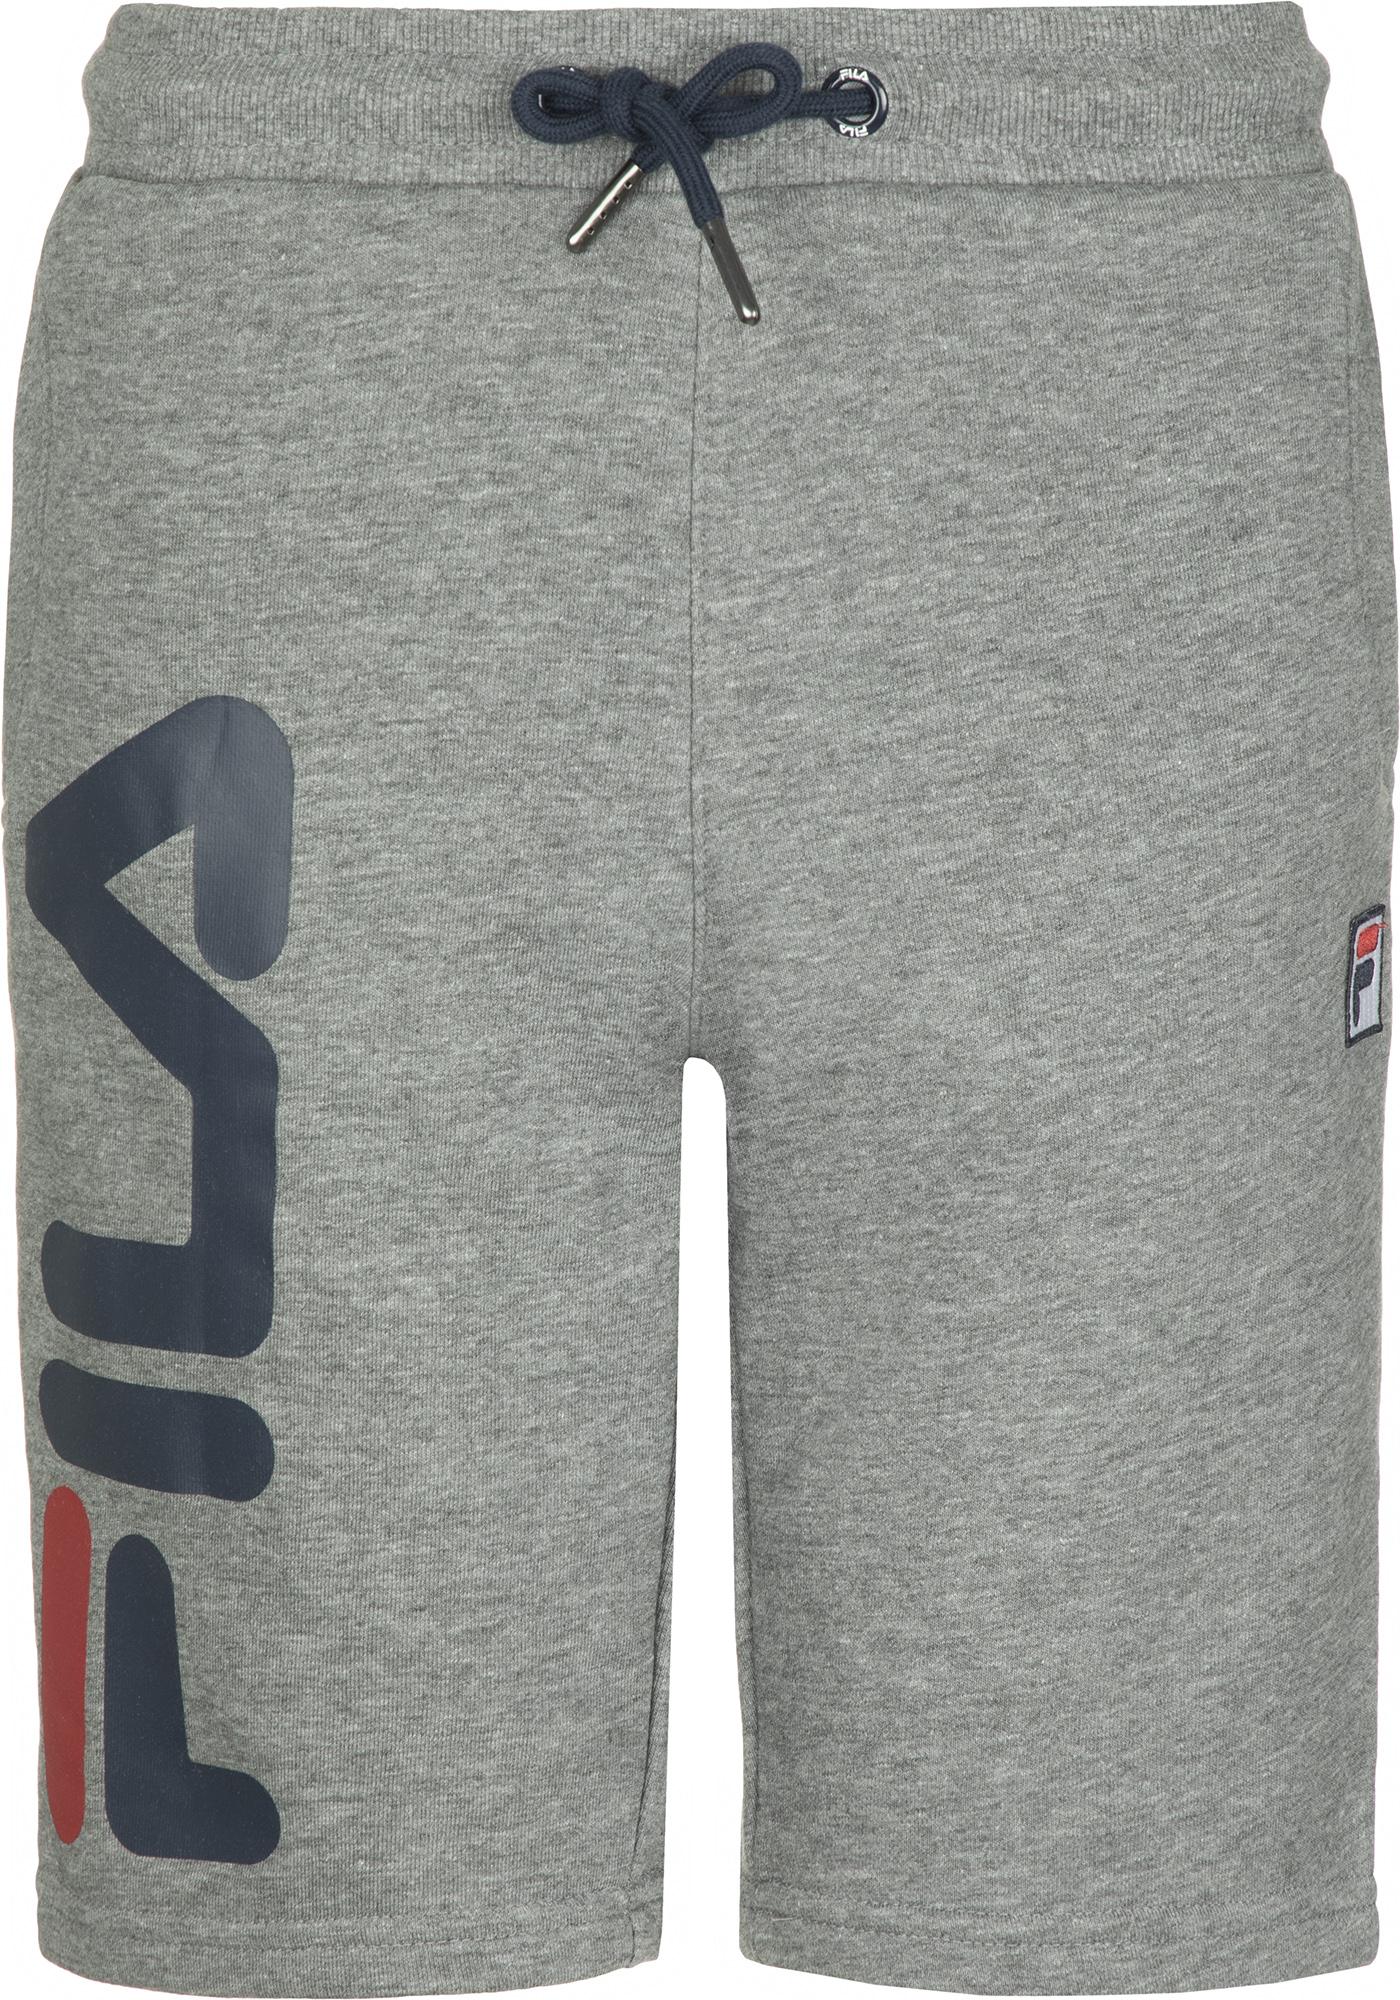 fila шорты для мальчиков fila размер 128 Fila Шорты для мальчиков Fila, размер 128